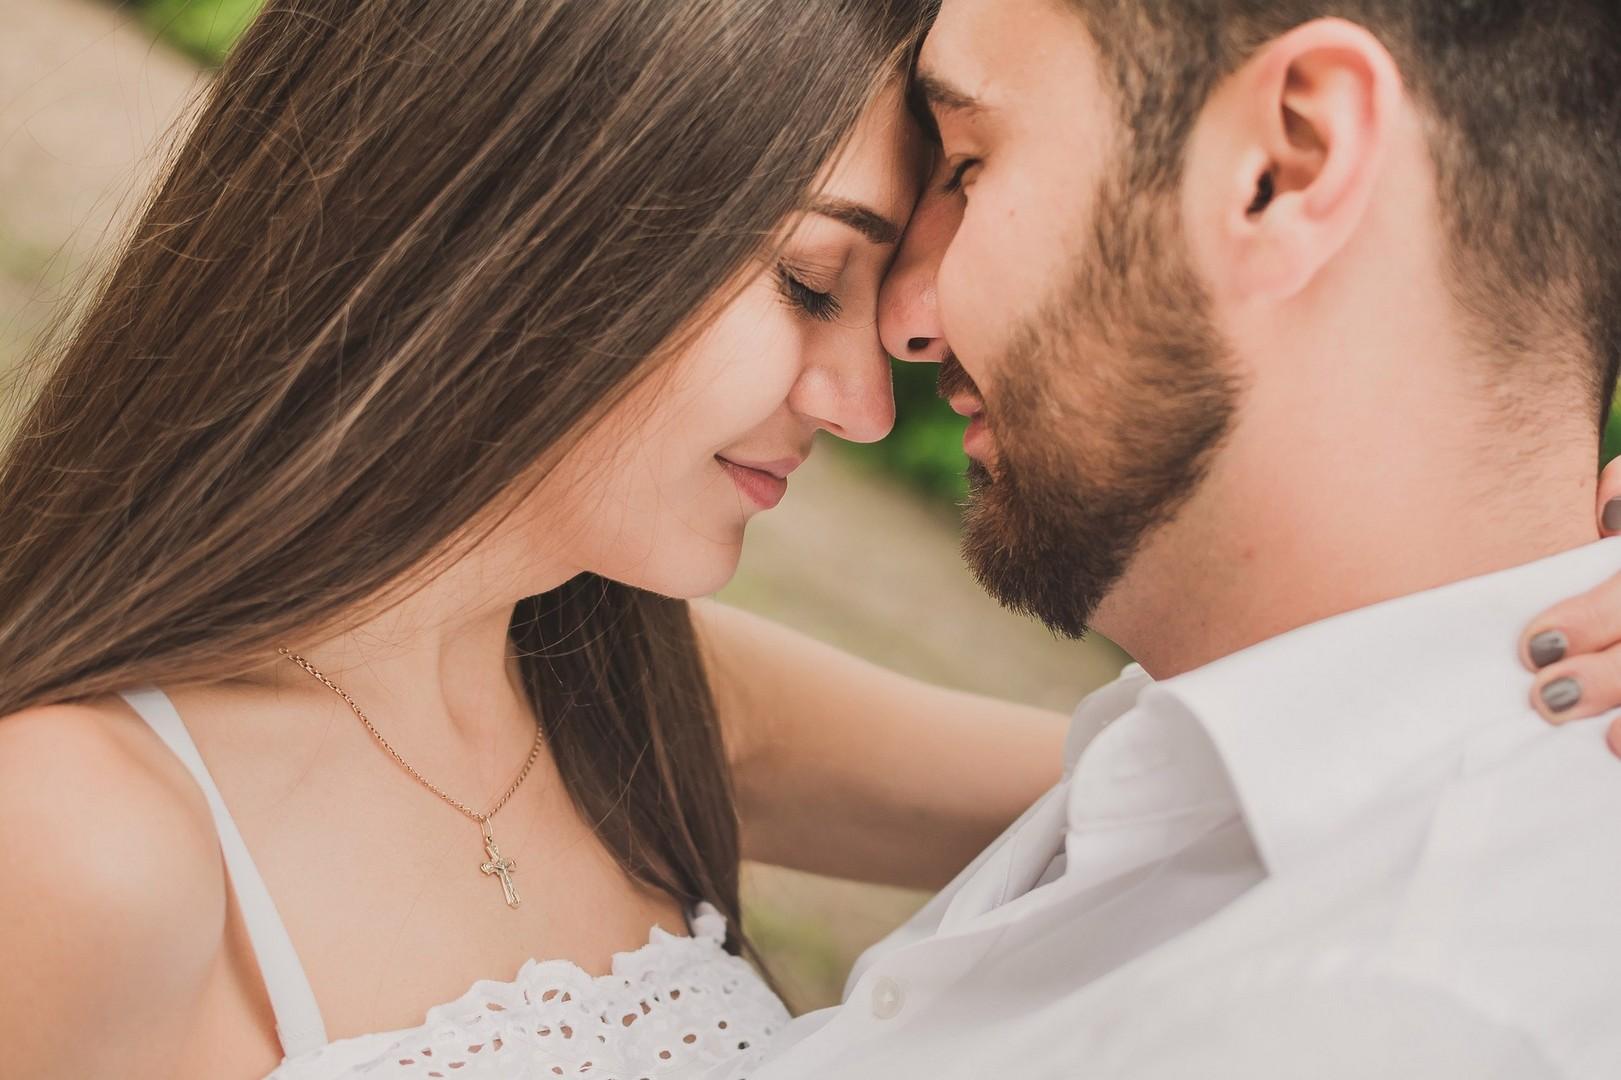 Как понять, что я влюбилась: 5 признаков и отличие от других чувств